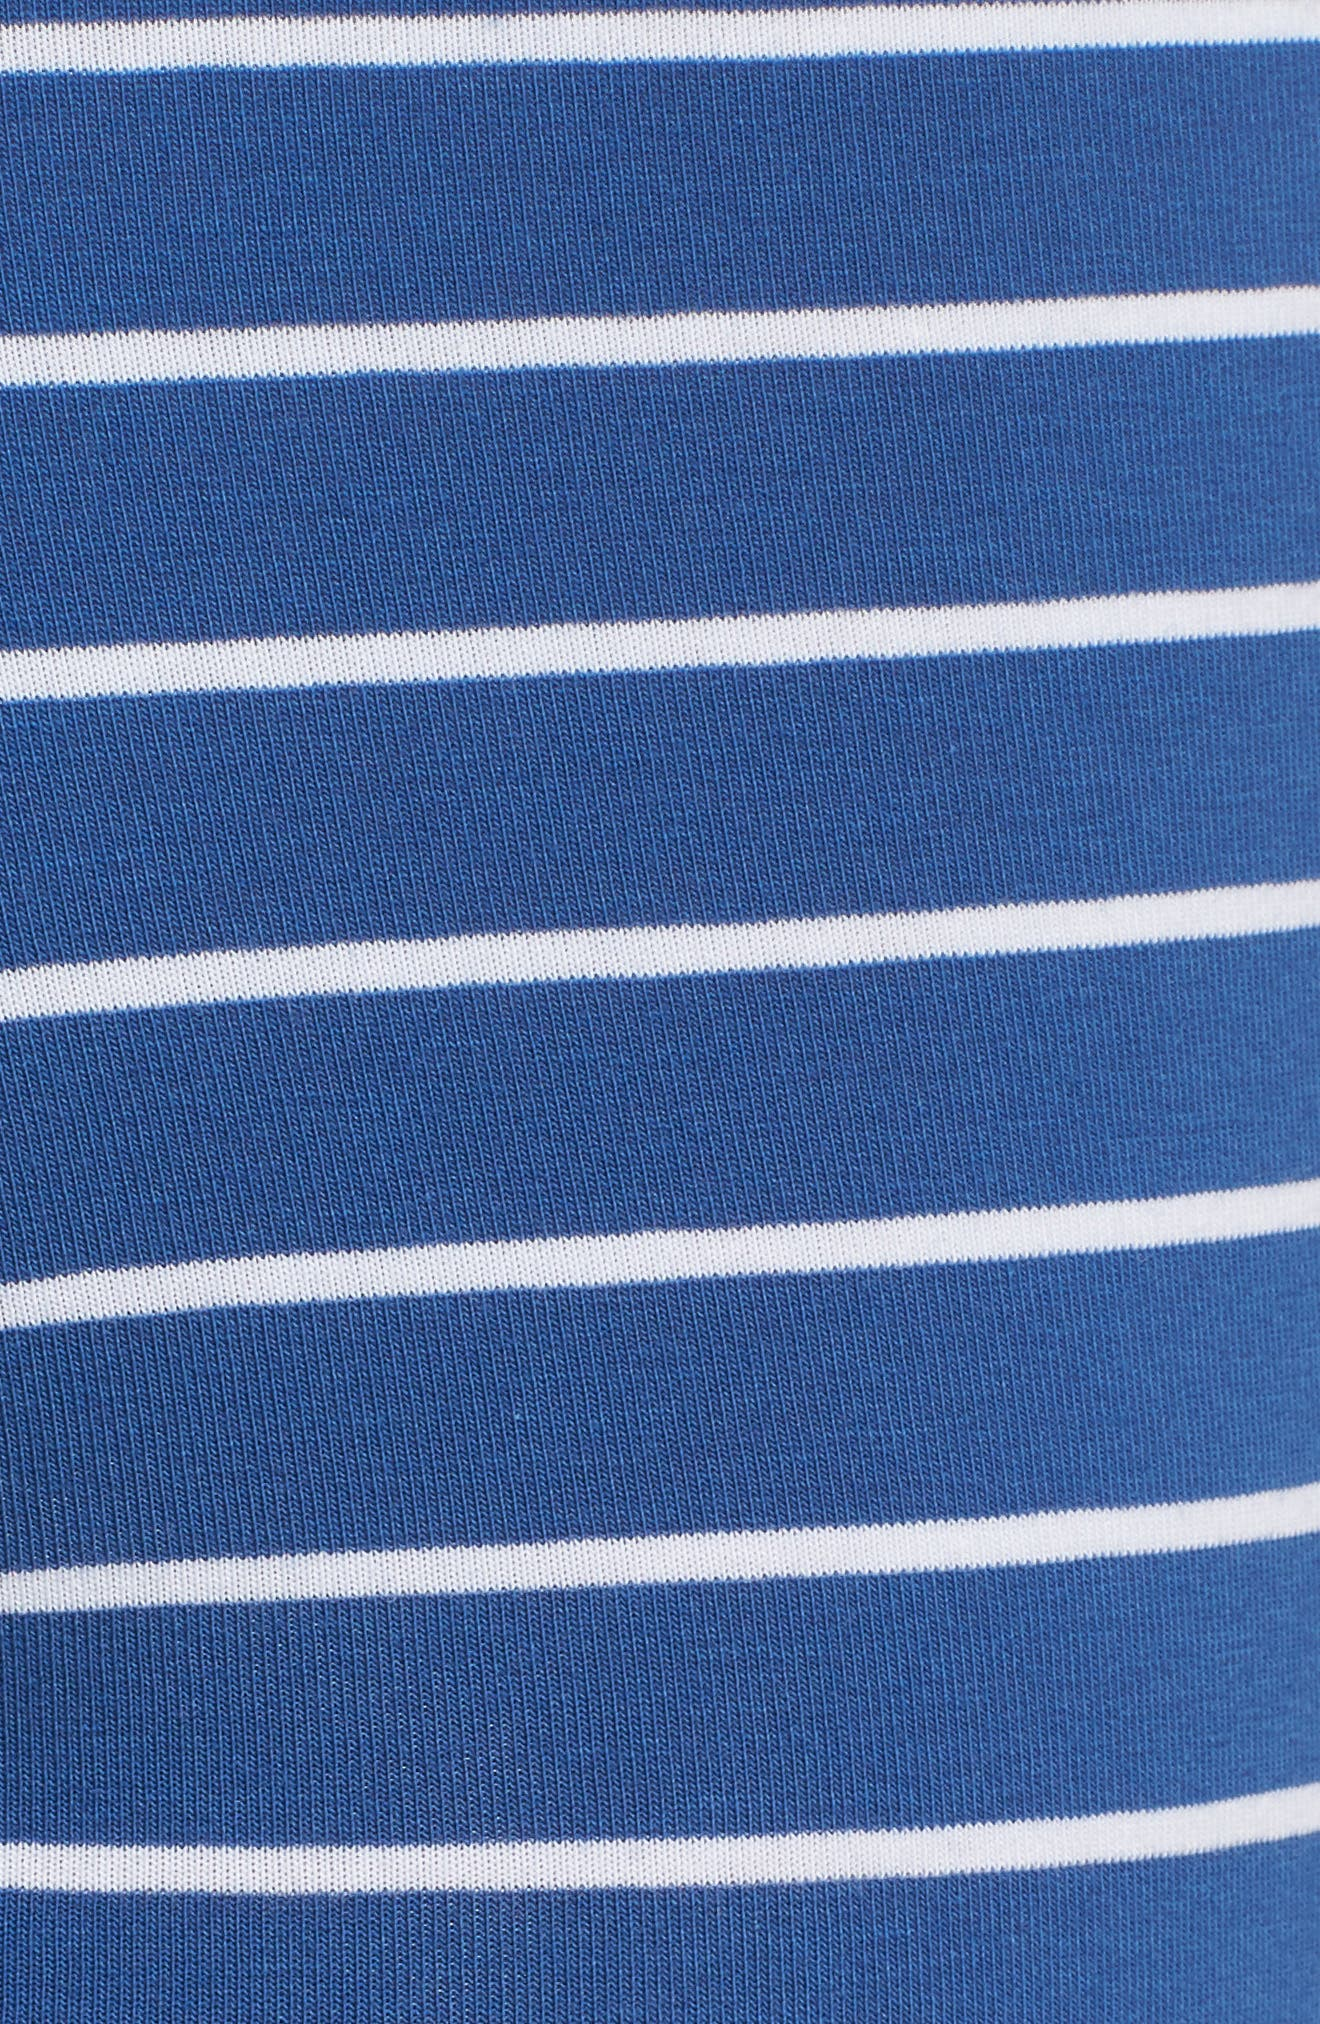 Stripe Boxer Briefs,                             Alternate thumbnail 5, color,                             BLUE